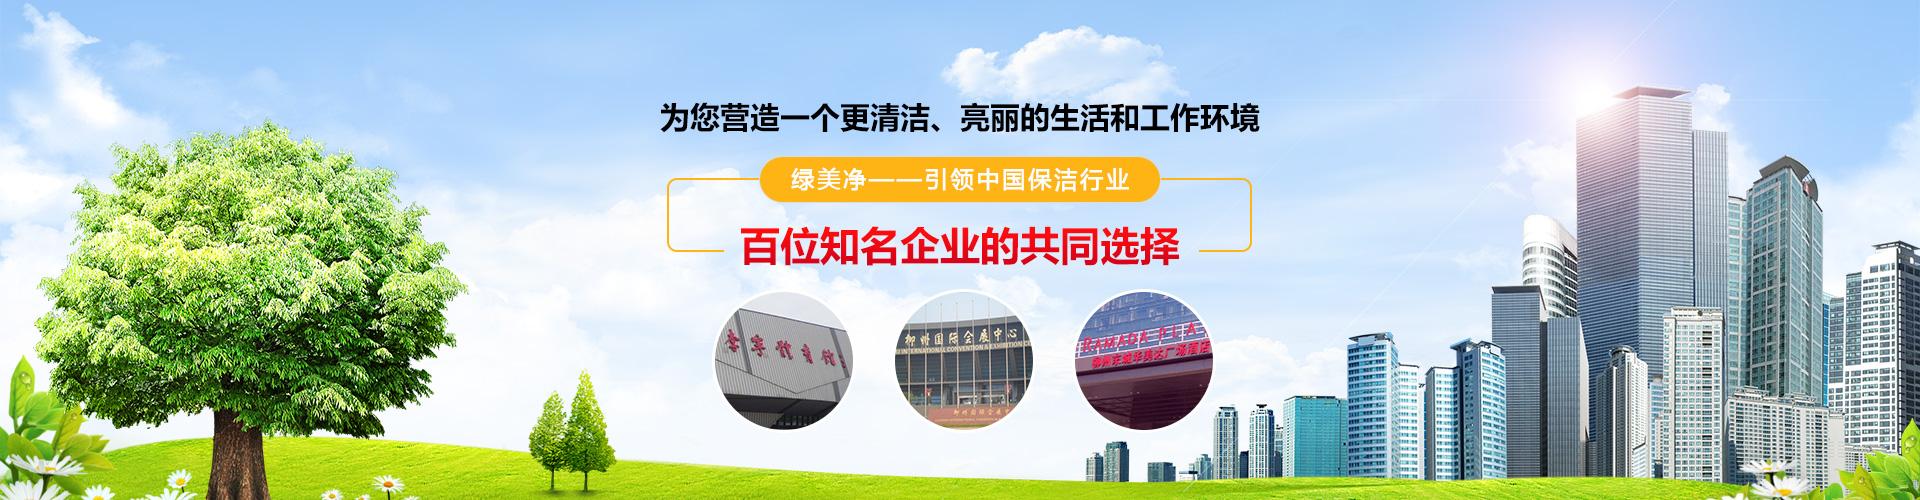 广西单位保洁,柳州开荒保洁,柳州清洁公司